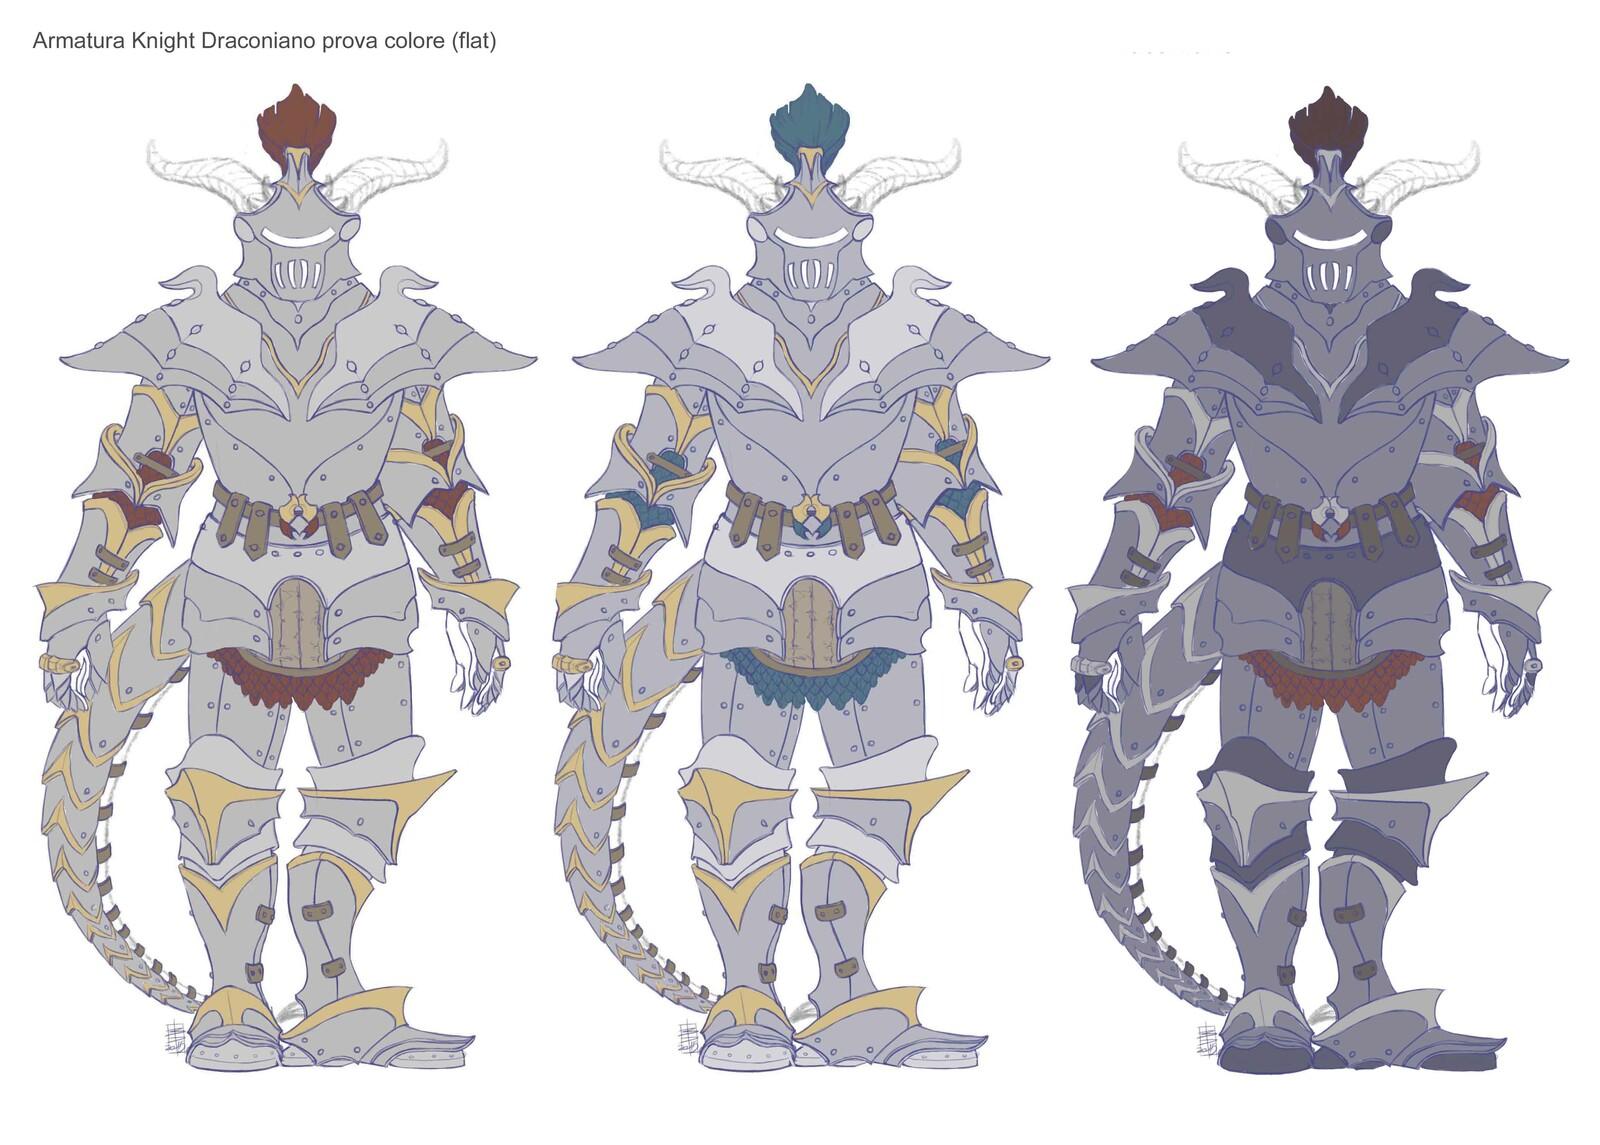 Draconic armor Color Scheme